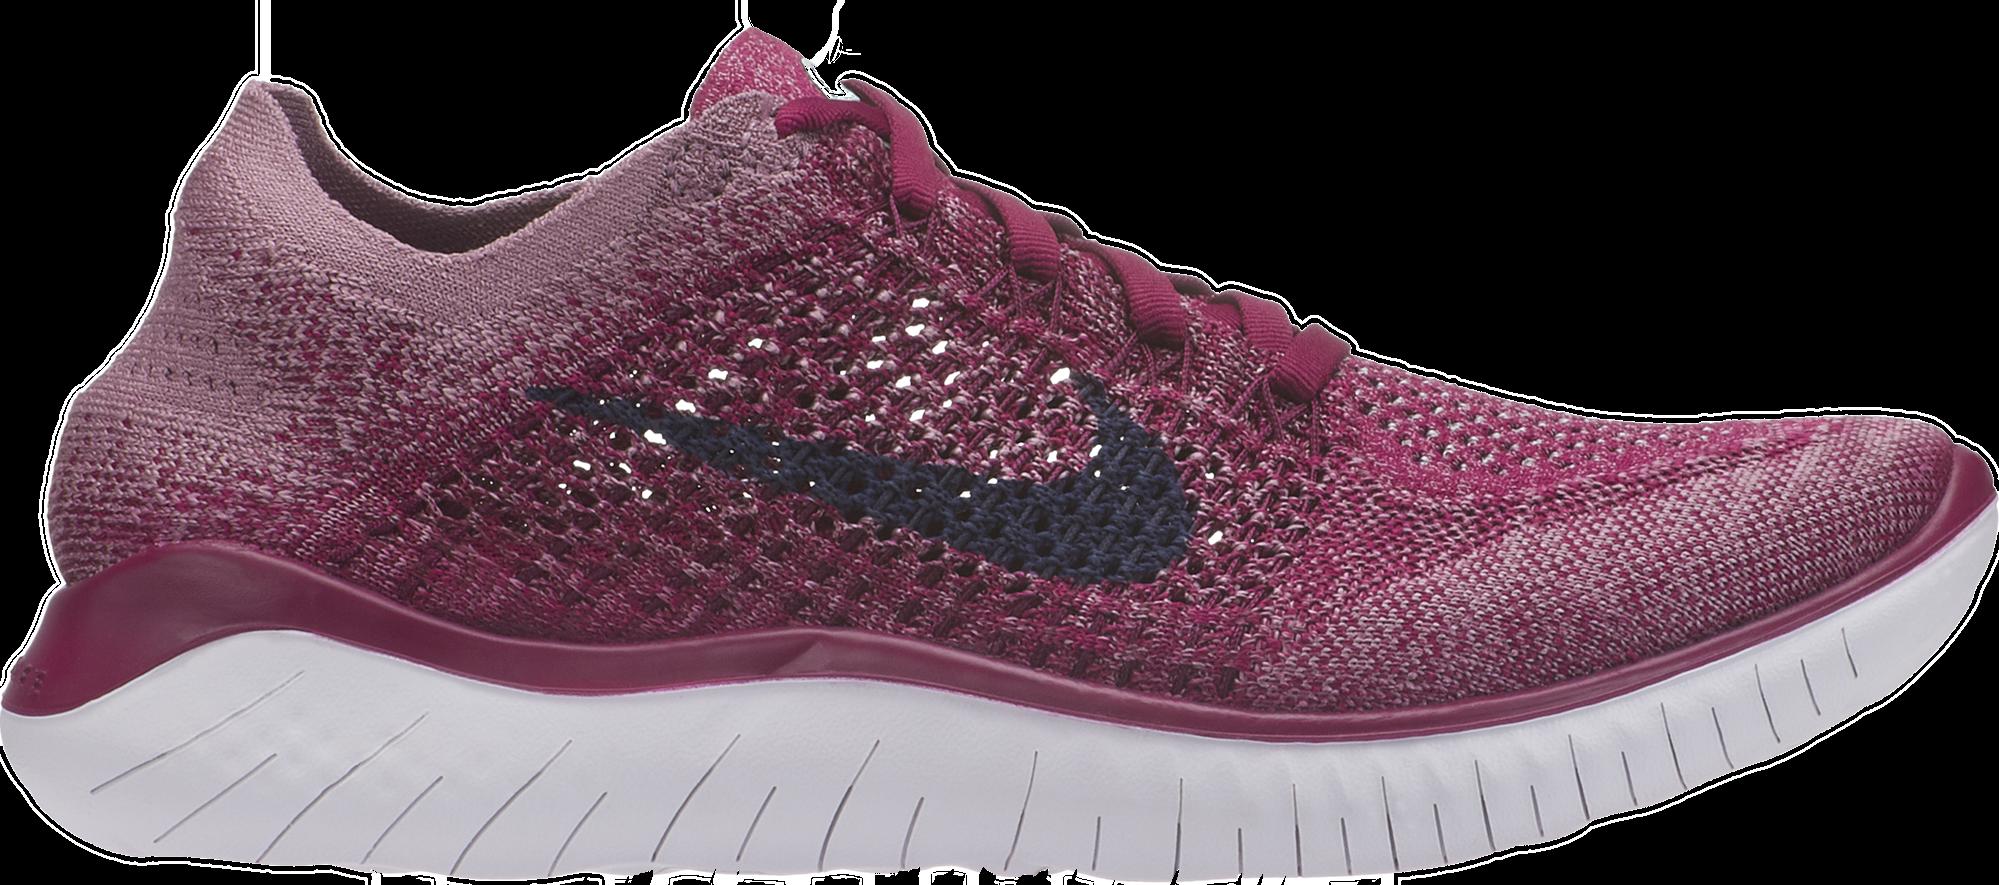 Free Run Flyknit Nike Scarpe natural running Modello da donna